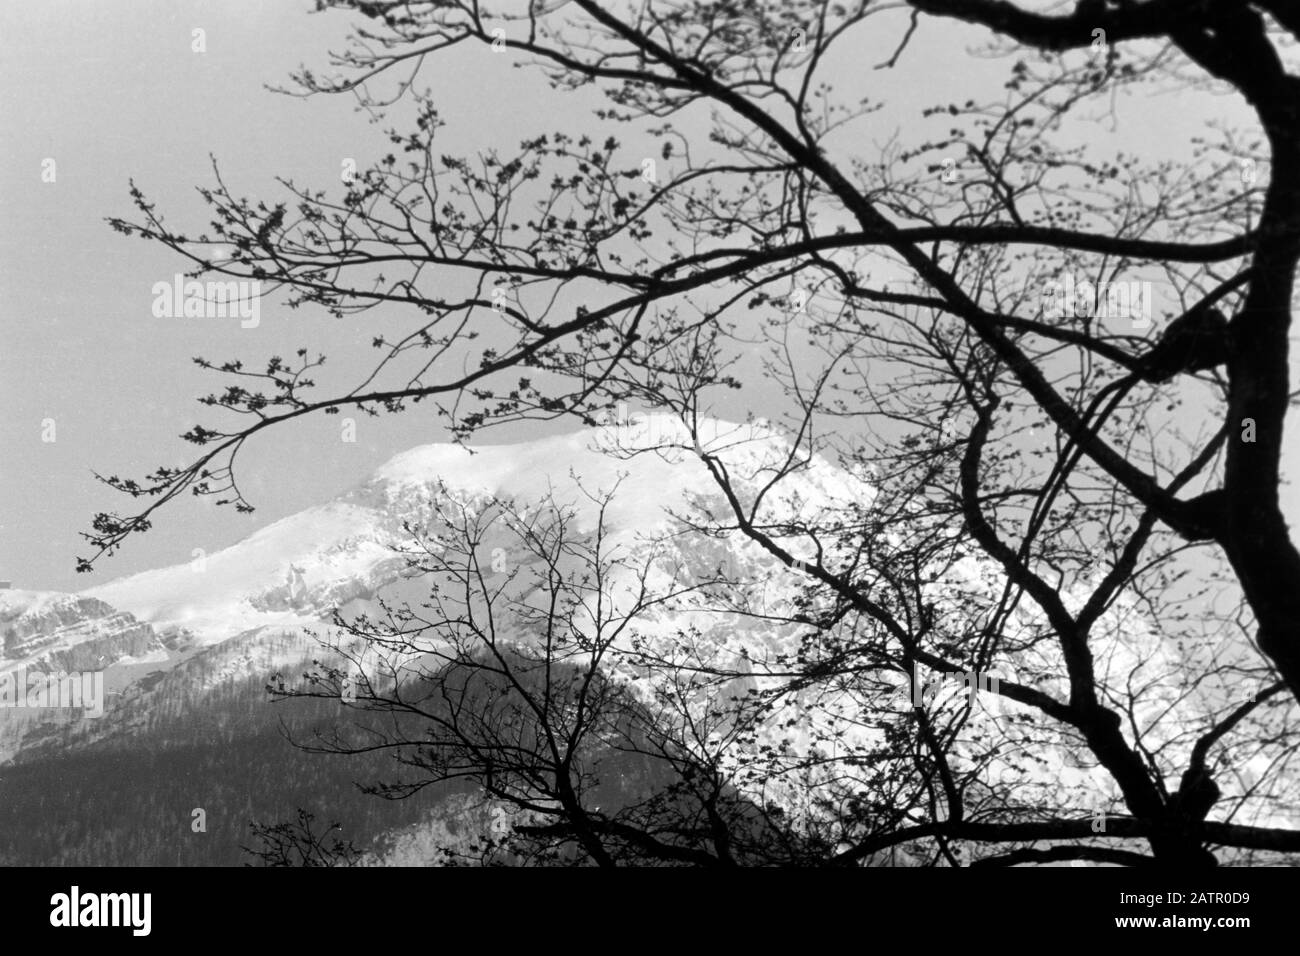 Äste verdecken den Blick auf den Hohen Göll mit Eckersattel auf dem das Purtschellerhaus steht, durch das die deutsch-österreichische Grenze verläuft, 1957. Tree branches cover the view of Hoher Göll and Eckersattel, on top of which sits Purtschellerhaus, marking the border between Germany and Austria, 1957. Stock Photo